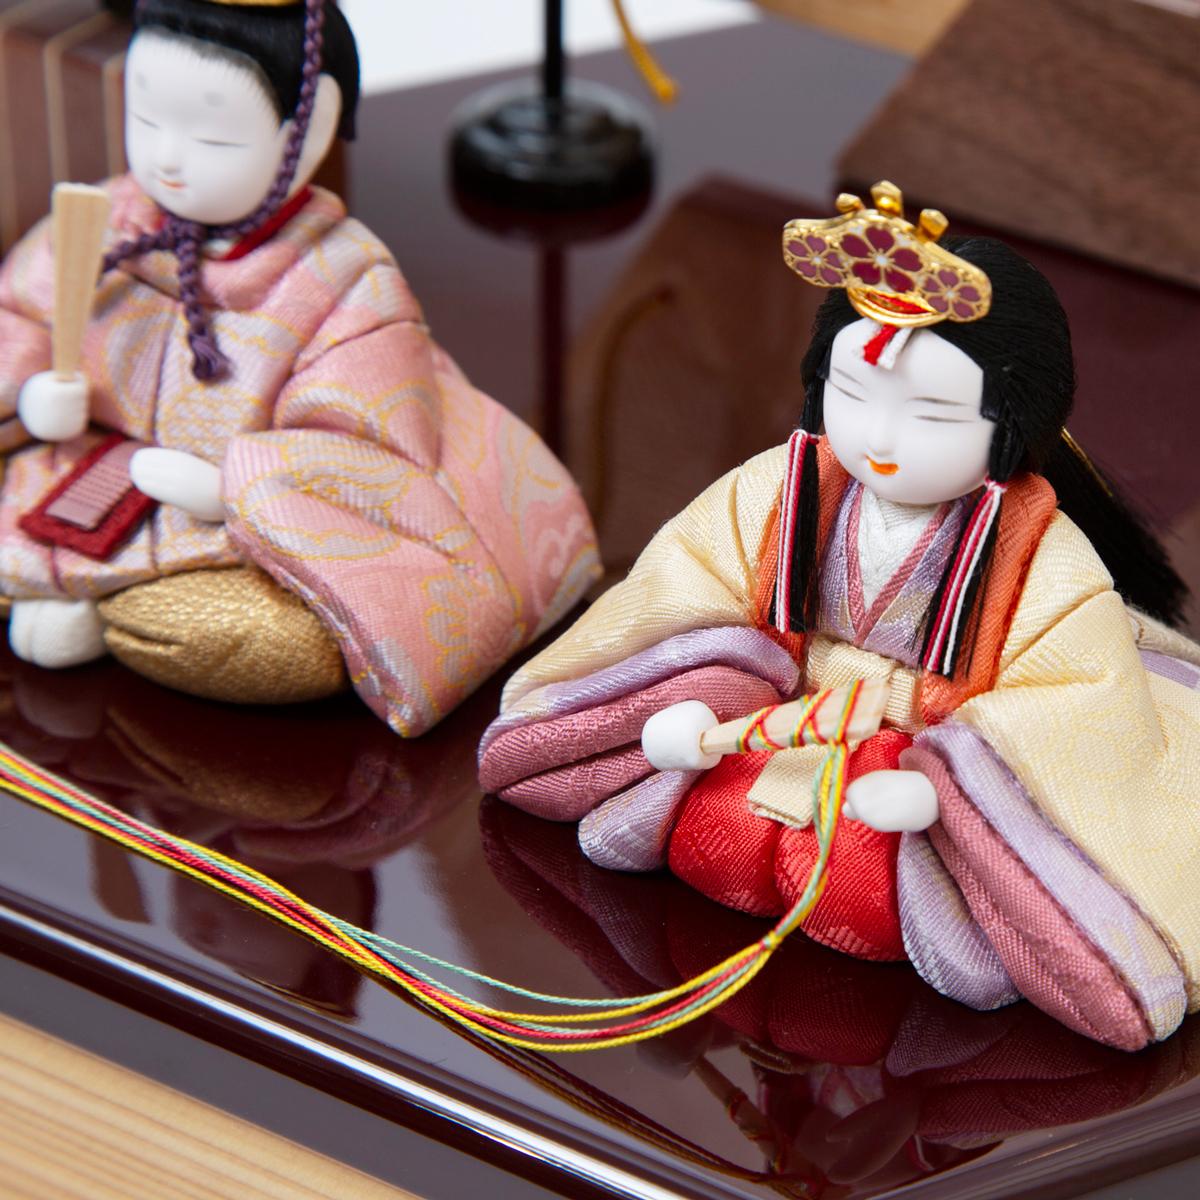 コンパクトサイズの高級雛人形、おすすめ7選|マンション事情から生まれた「雛人形」の新提案